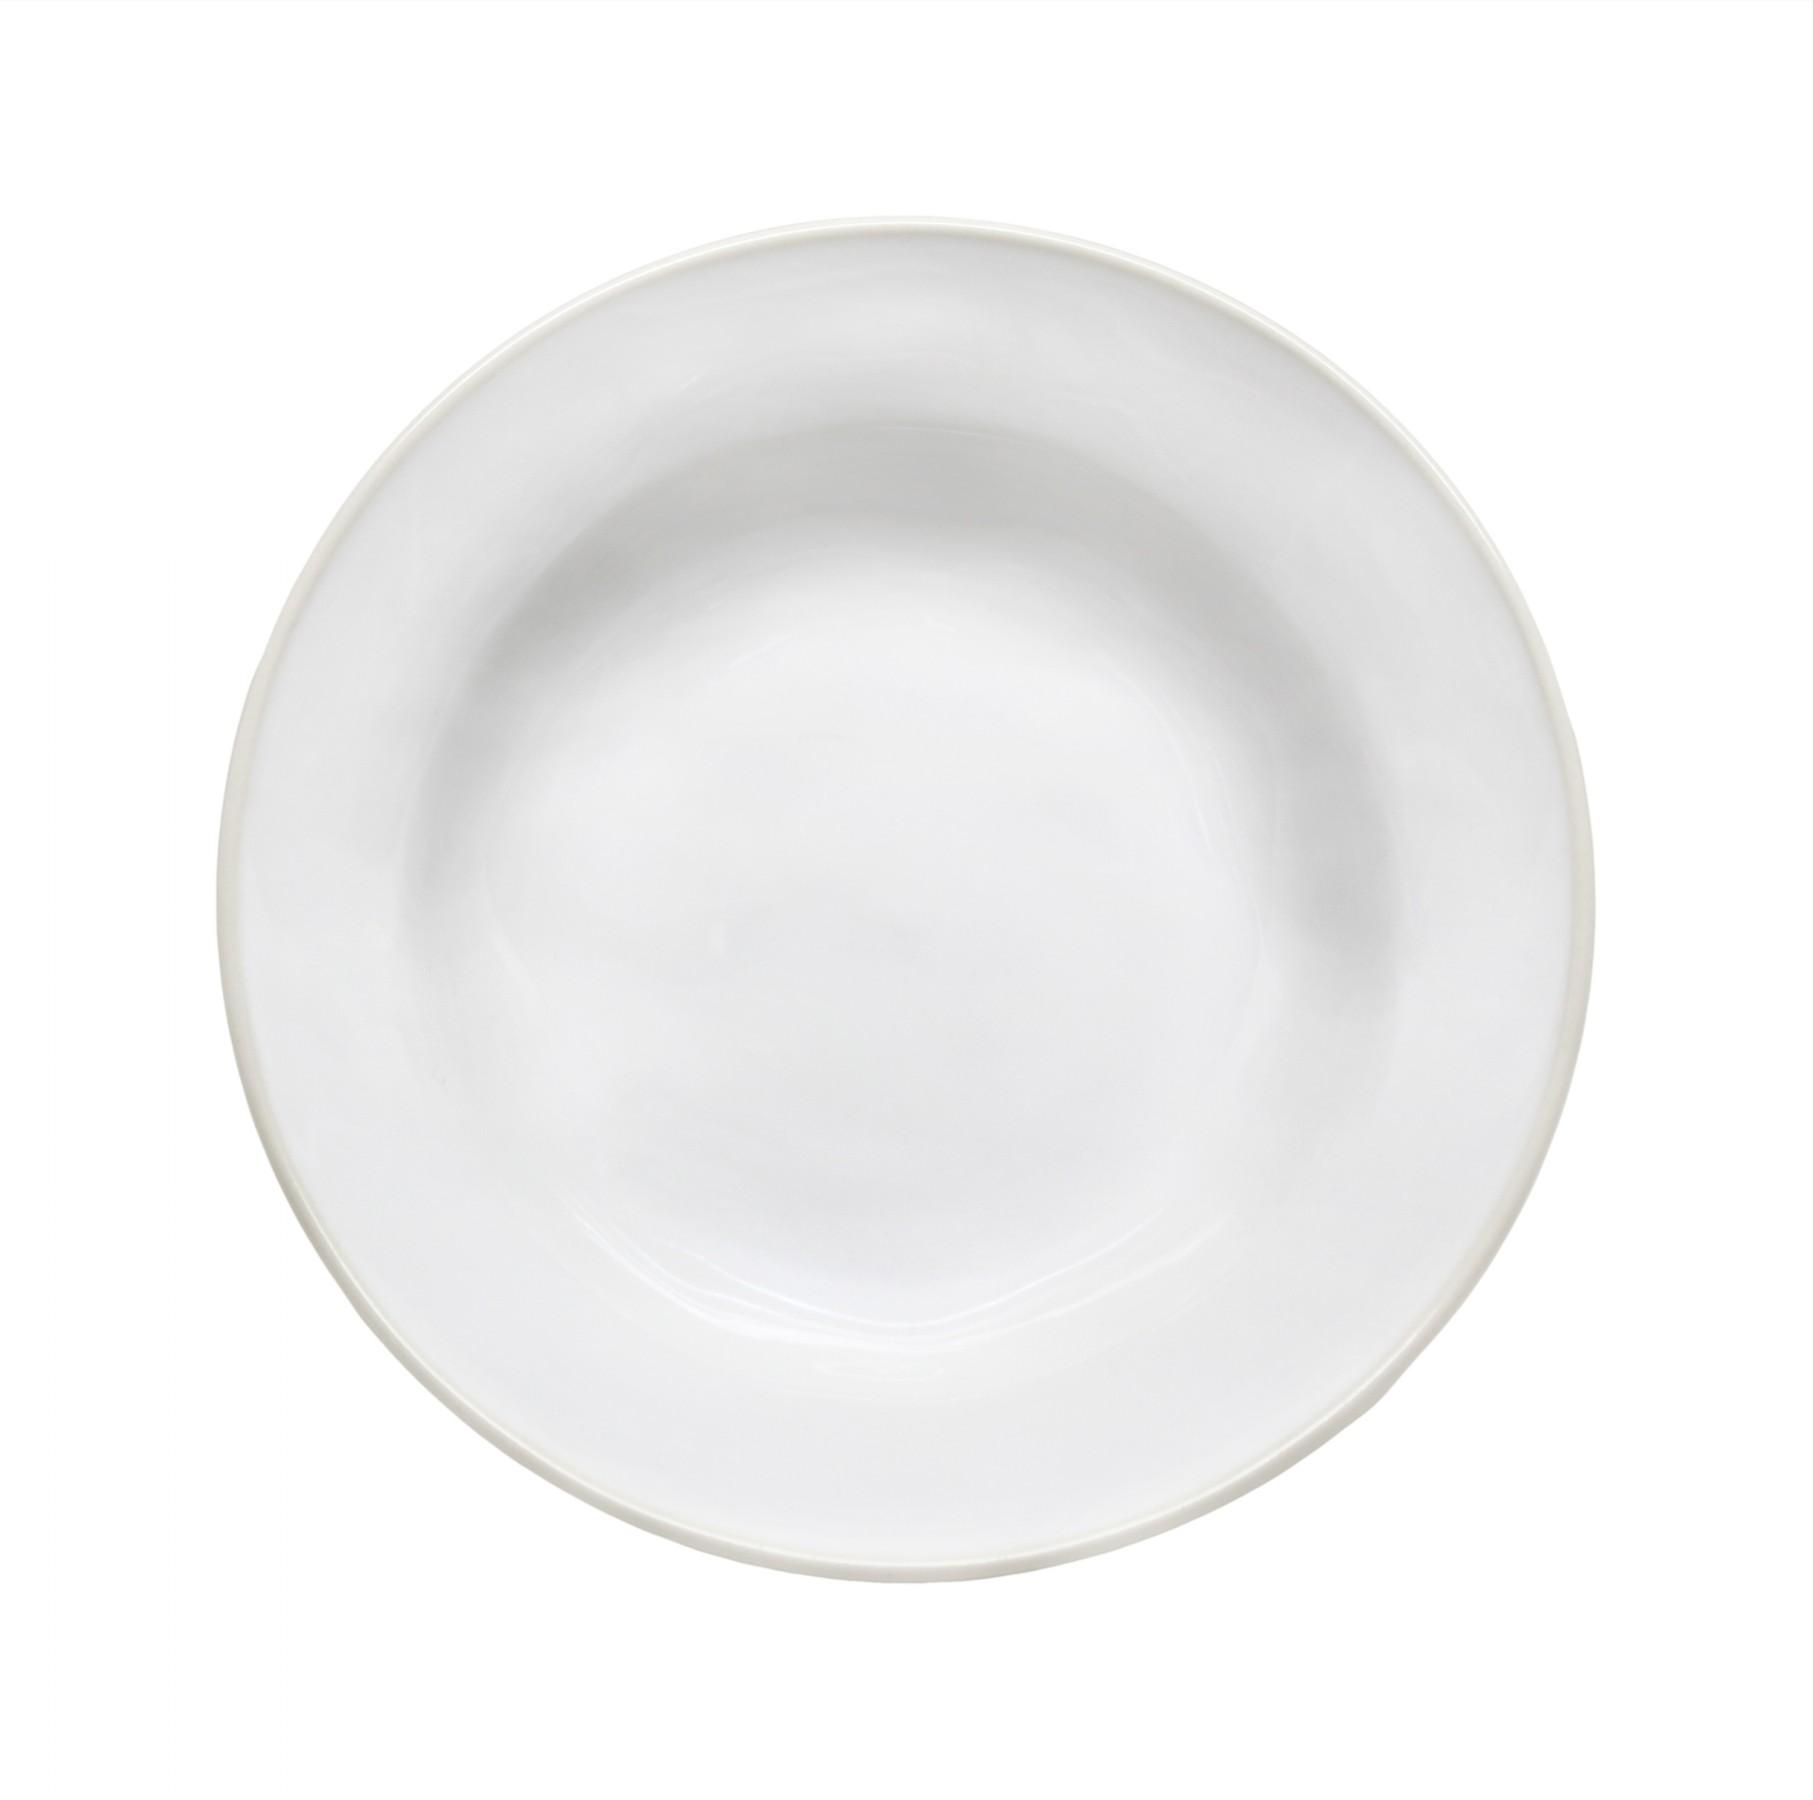 COSTA NOVA Polévkový talíř Astoria bílý 21cm